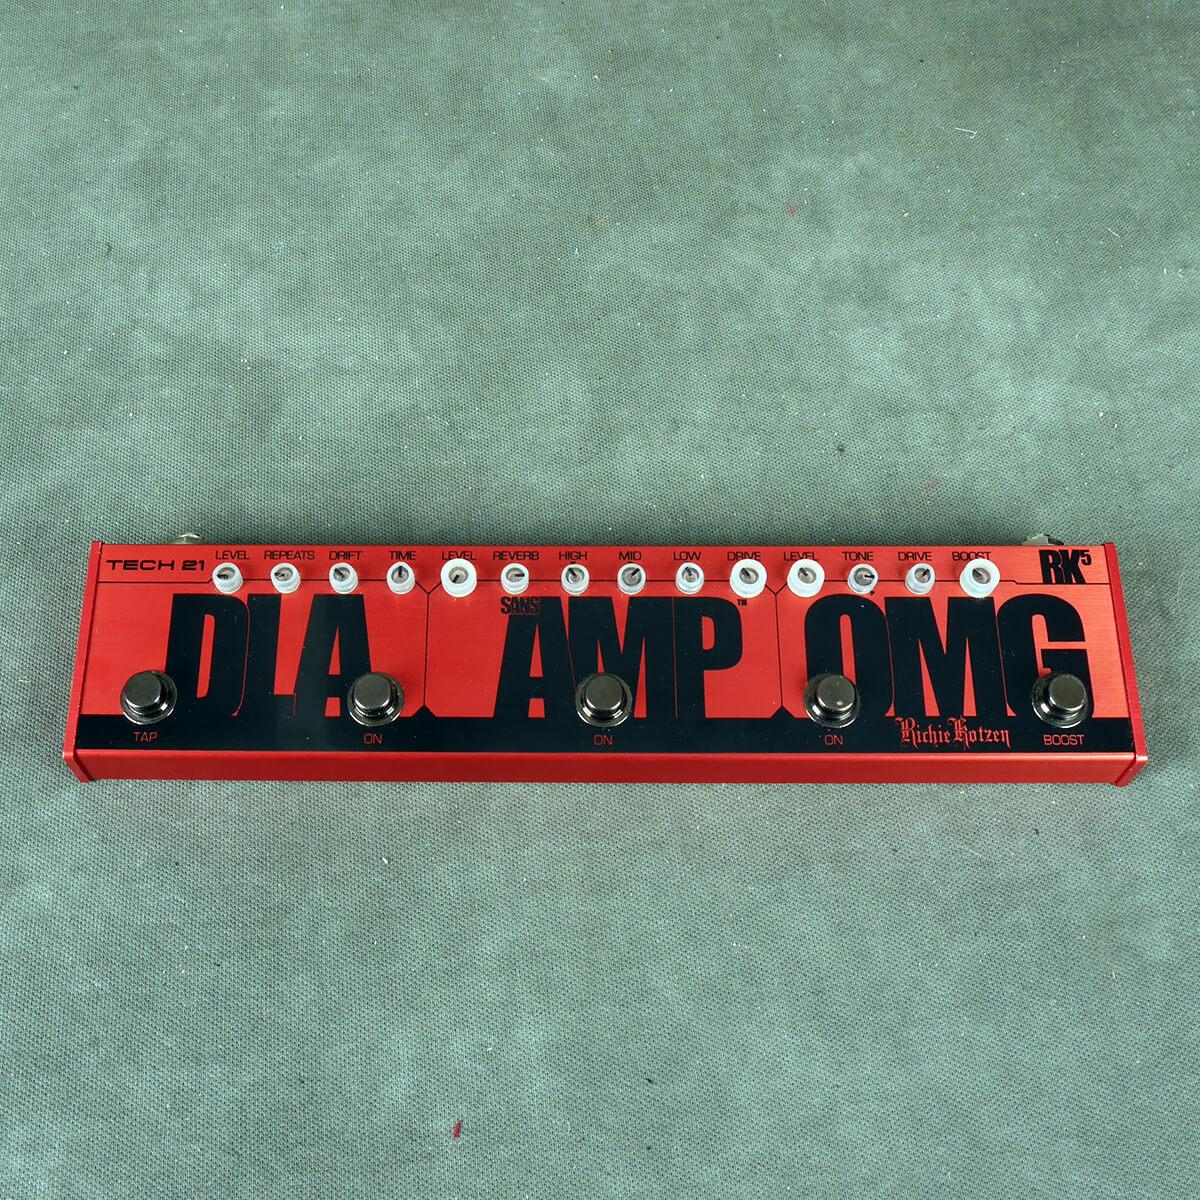 Tech 21 Sansamp RK-5 Flyrig Richie Kotzen FX Pedal - 2nd Hand